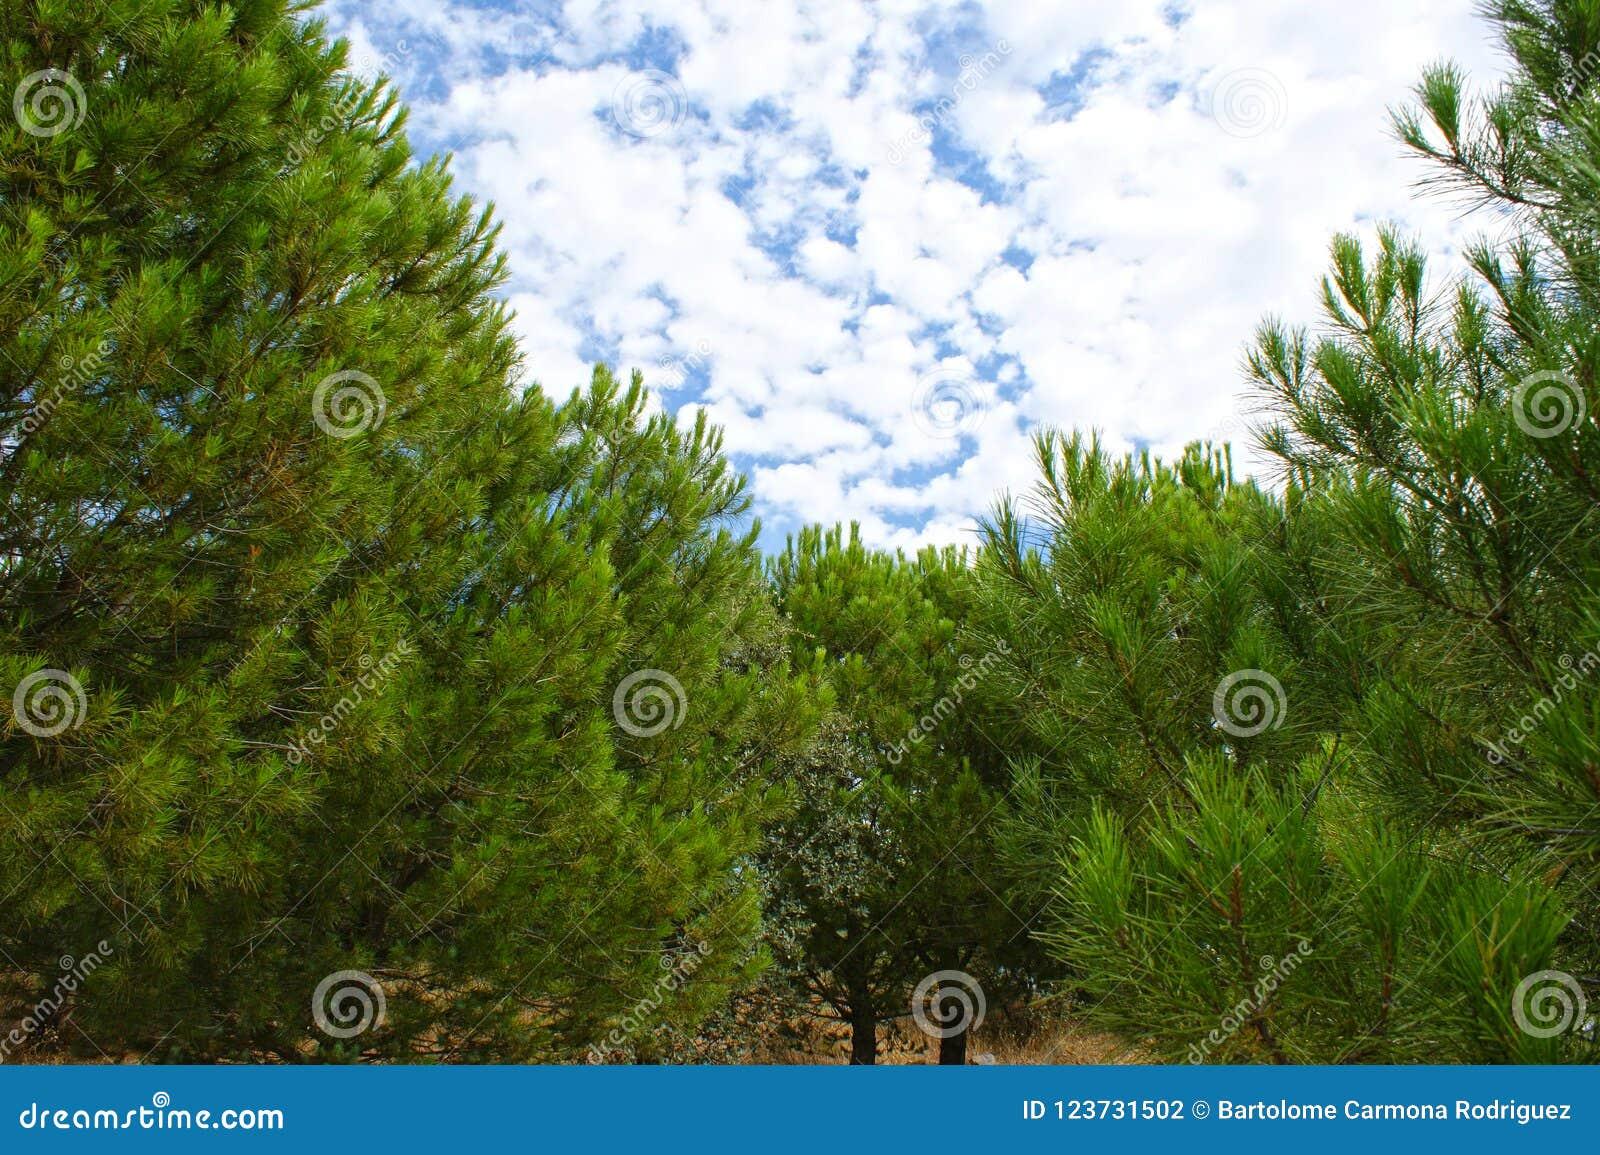 Arboleda del pino cubierta con las nubes sobre el cielo azul